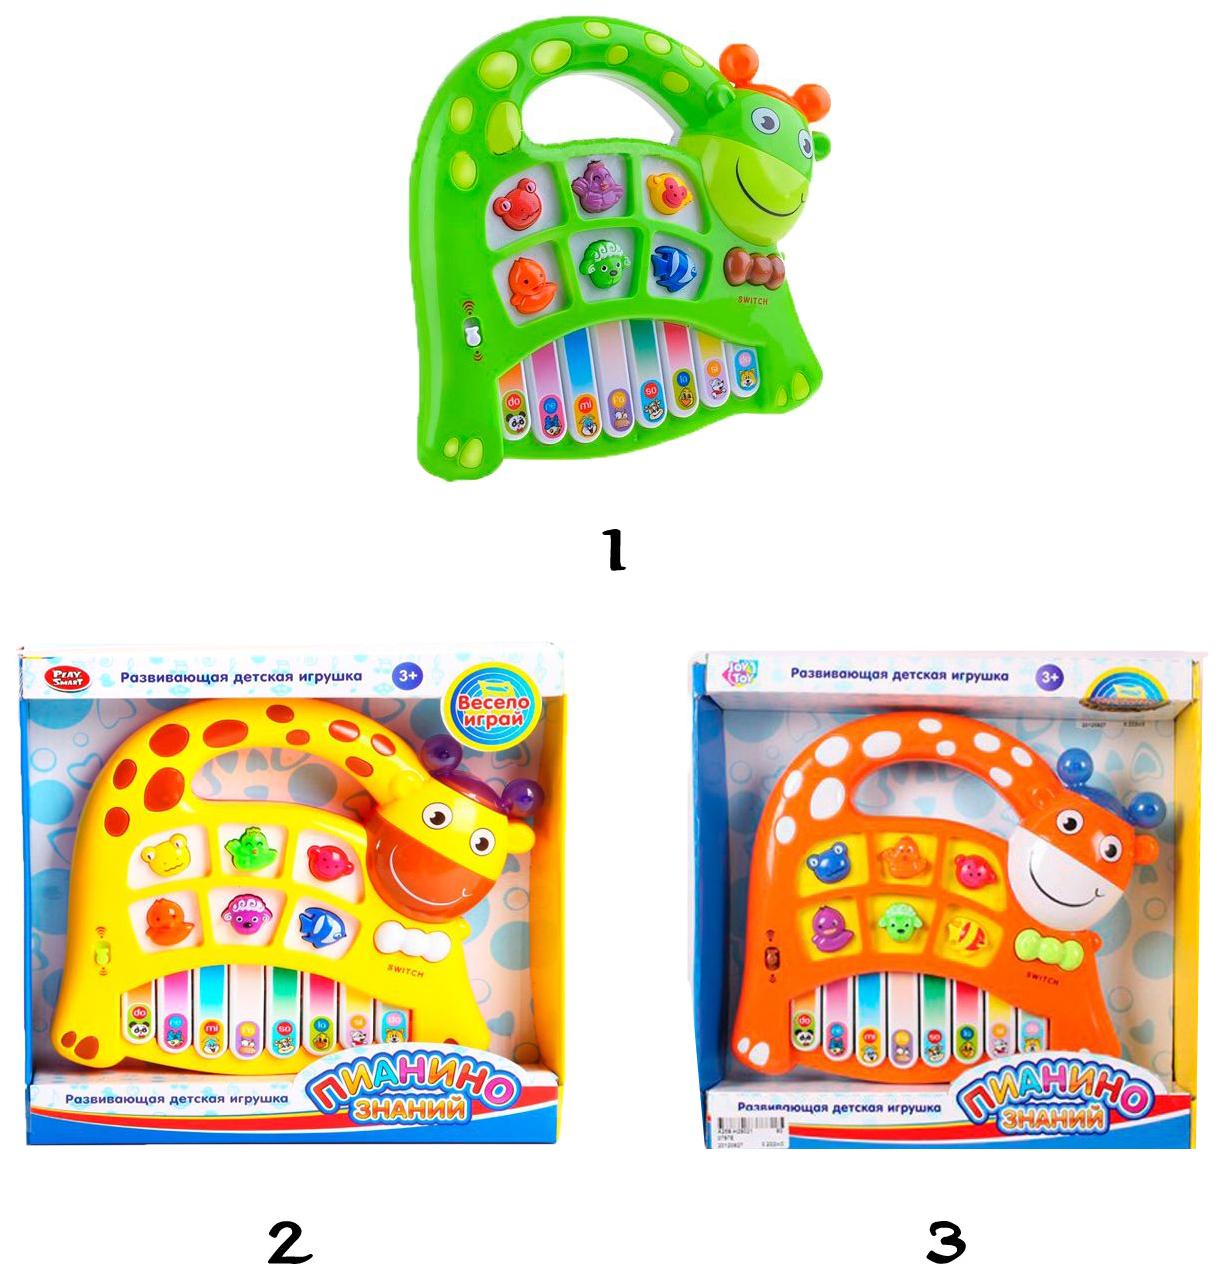 картинка Развивающая игрушка PLAYSMART Пианино Знаний - Жираф со звуковыми и световыми эффектами от магазина Bebikam.ru